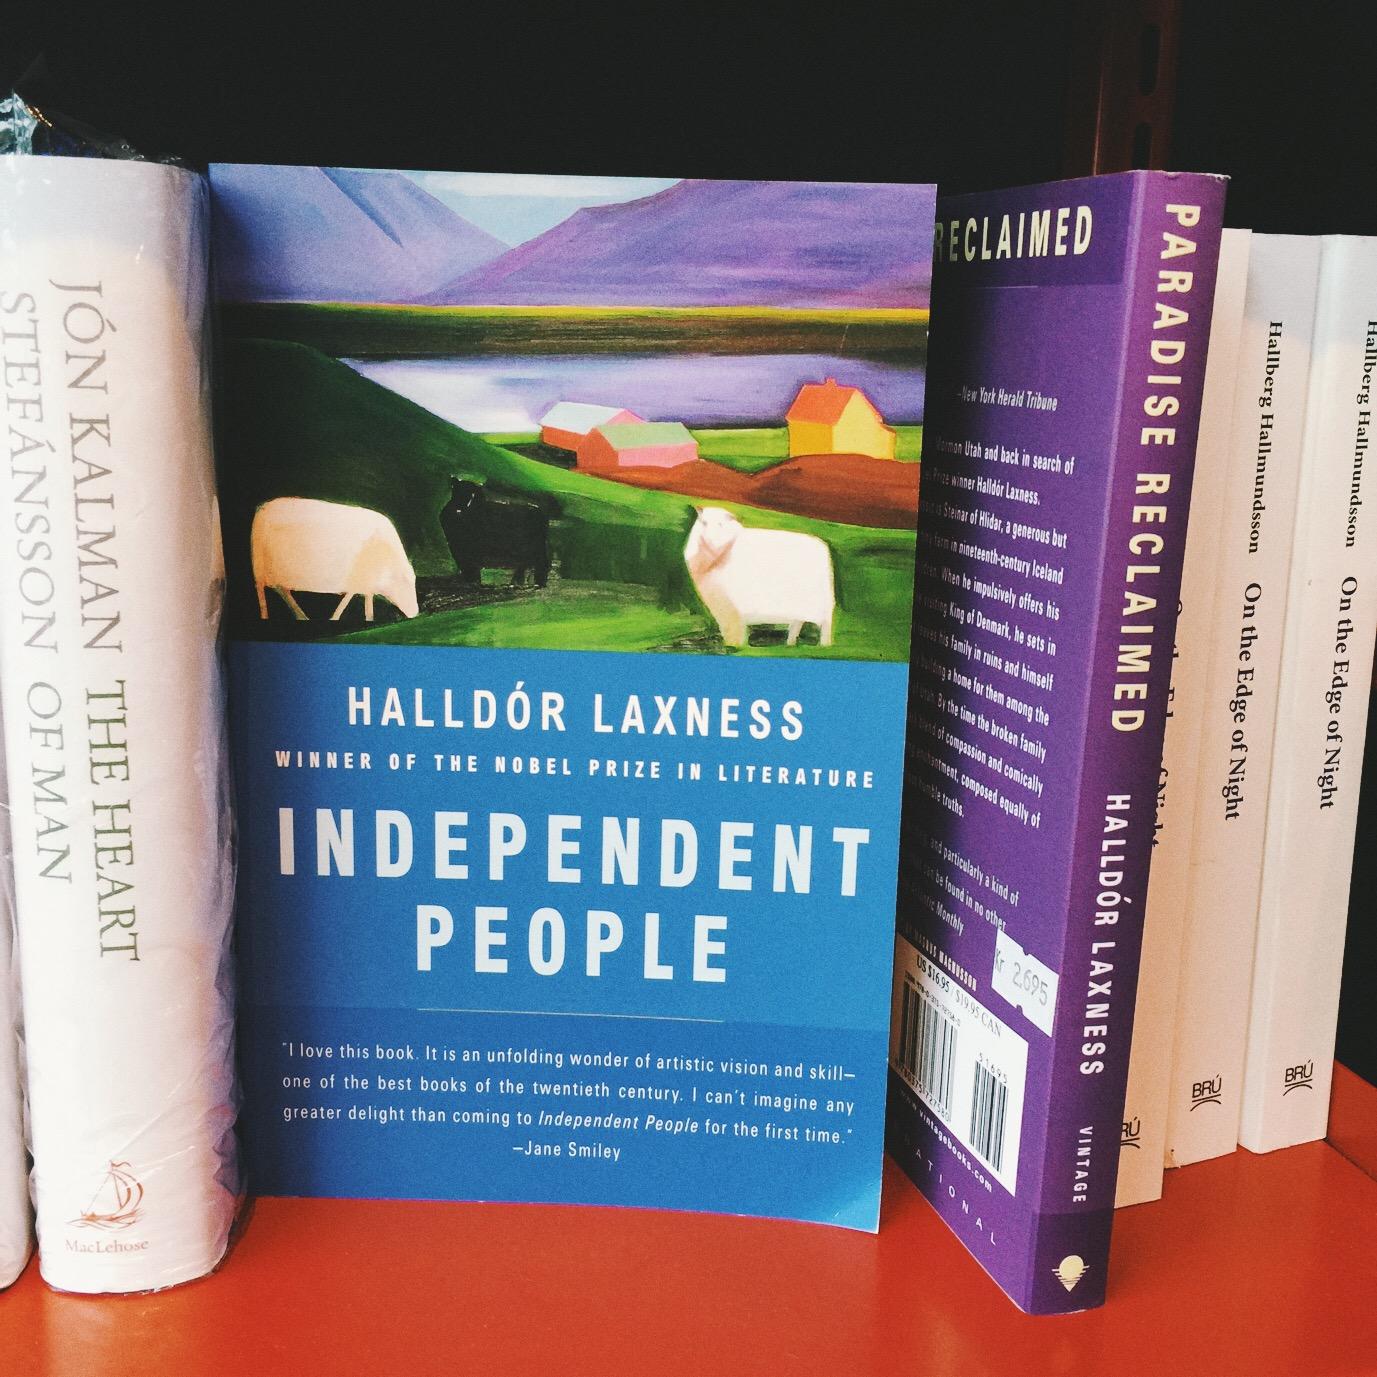 Independent People, de Halldór Laxness, es el libro más importante de la literatura islandesa en el s. XX